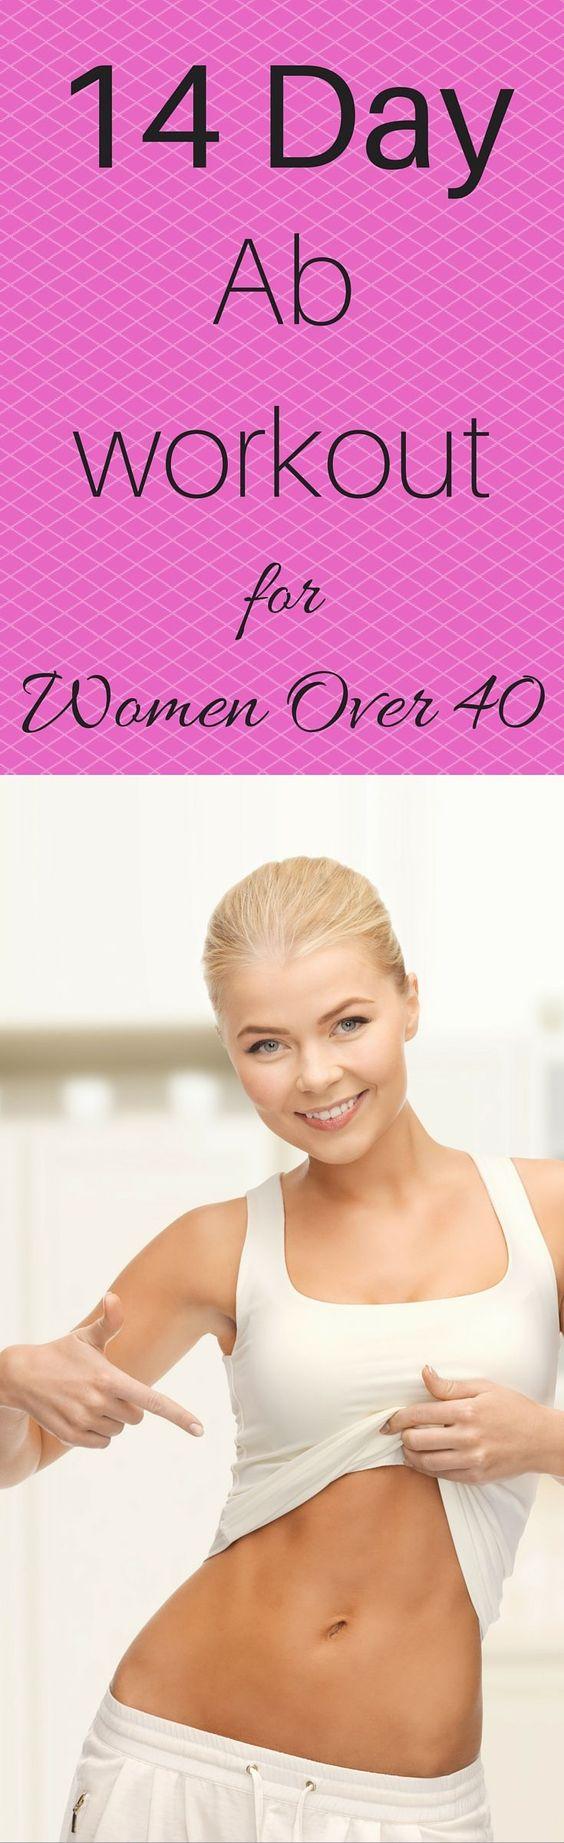 Workout Calendar For Women : Pinterest the world s catalog of ideas